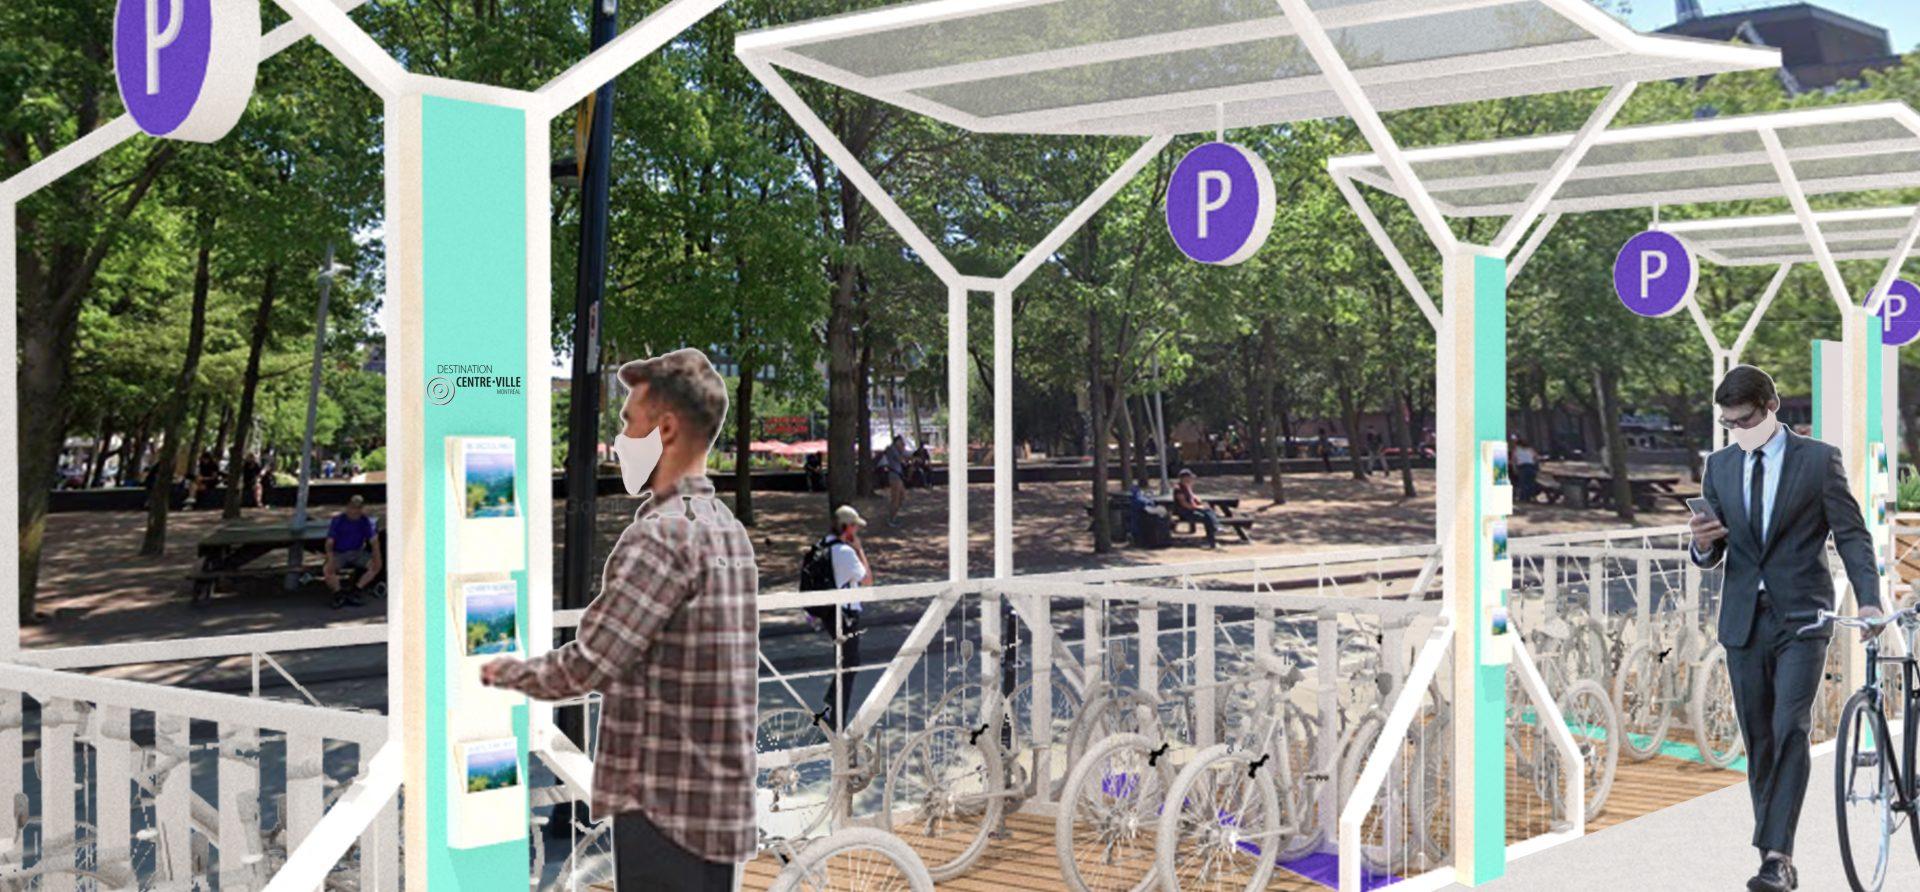 Stations de vélo sanitaires - Prototype par Îlot 84 pour Destination centre-ville-1